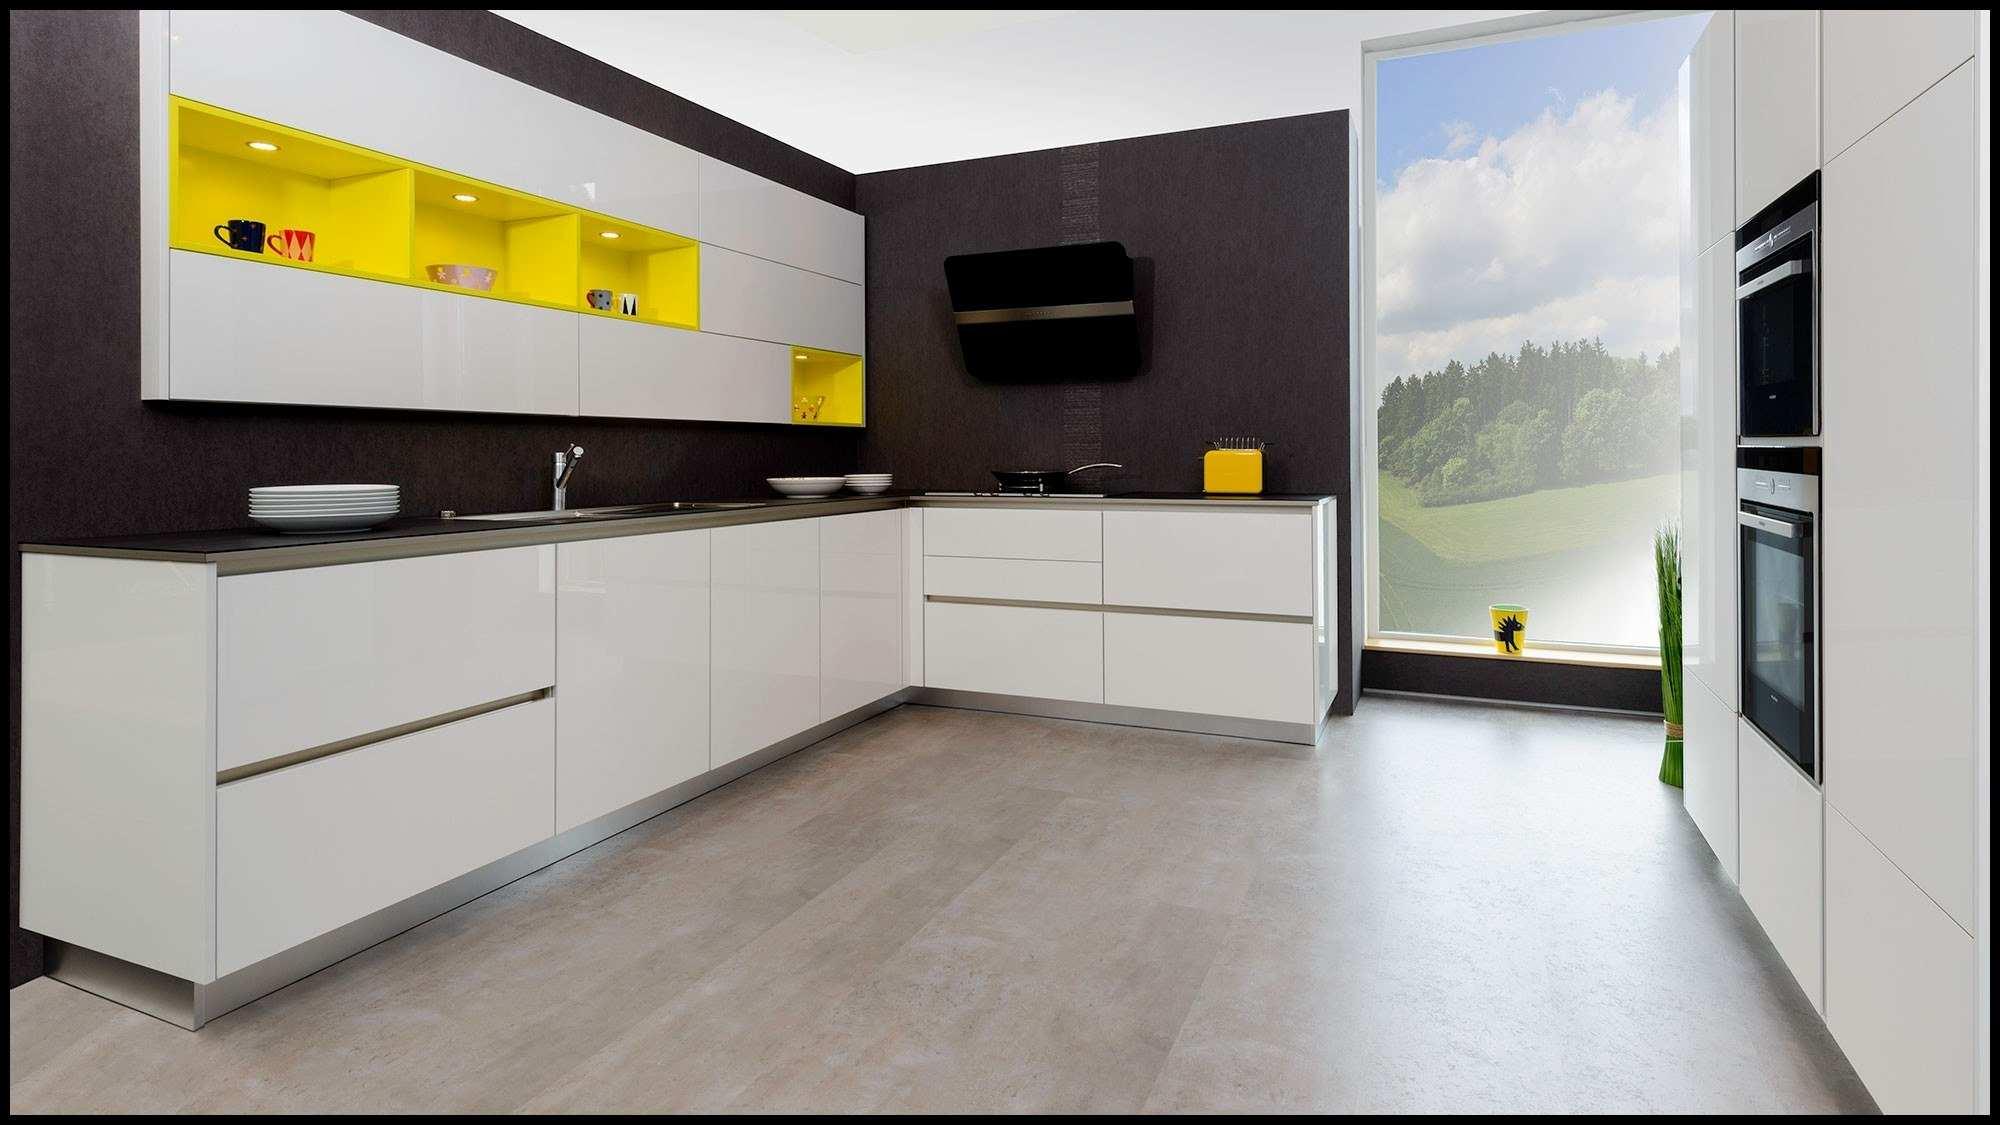 Full Size of Eckbank Für Kleine Küche Schön Küche Spritzschutz Deko Idee Ideen Küche Kleine Einbauküche